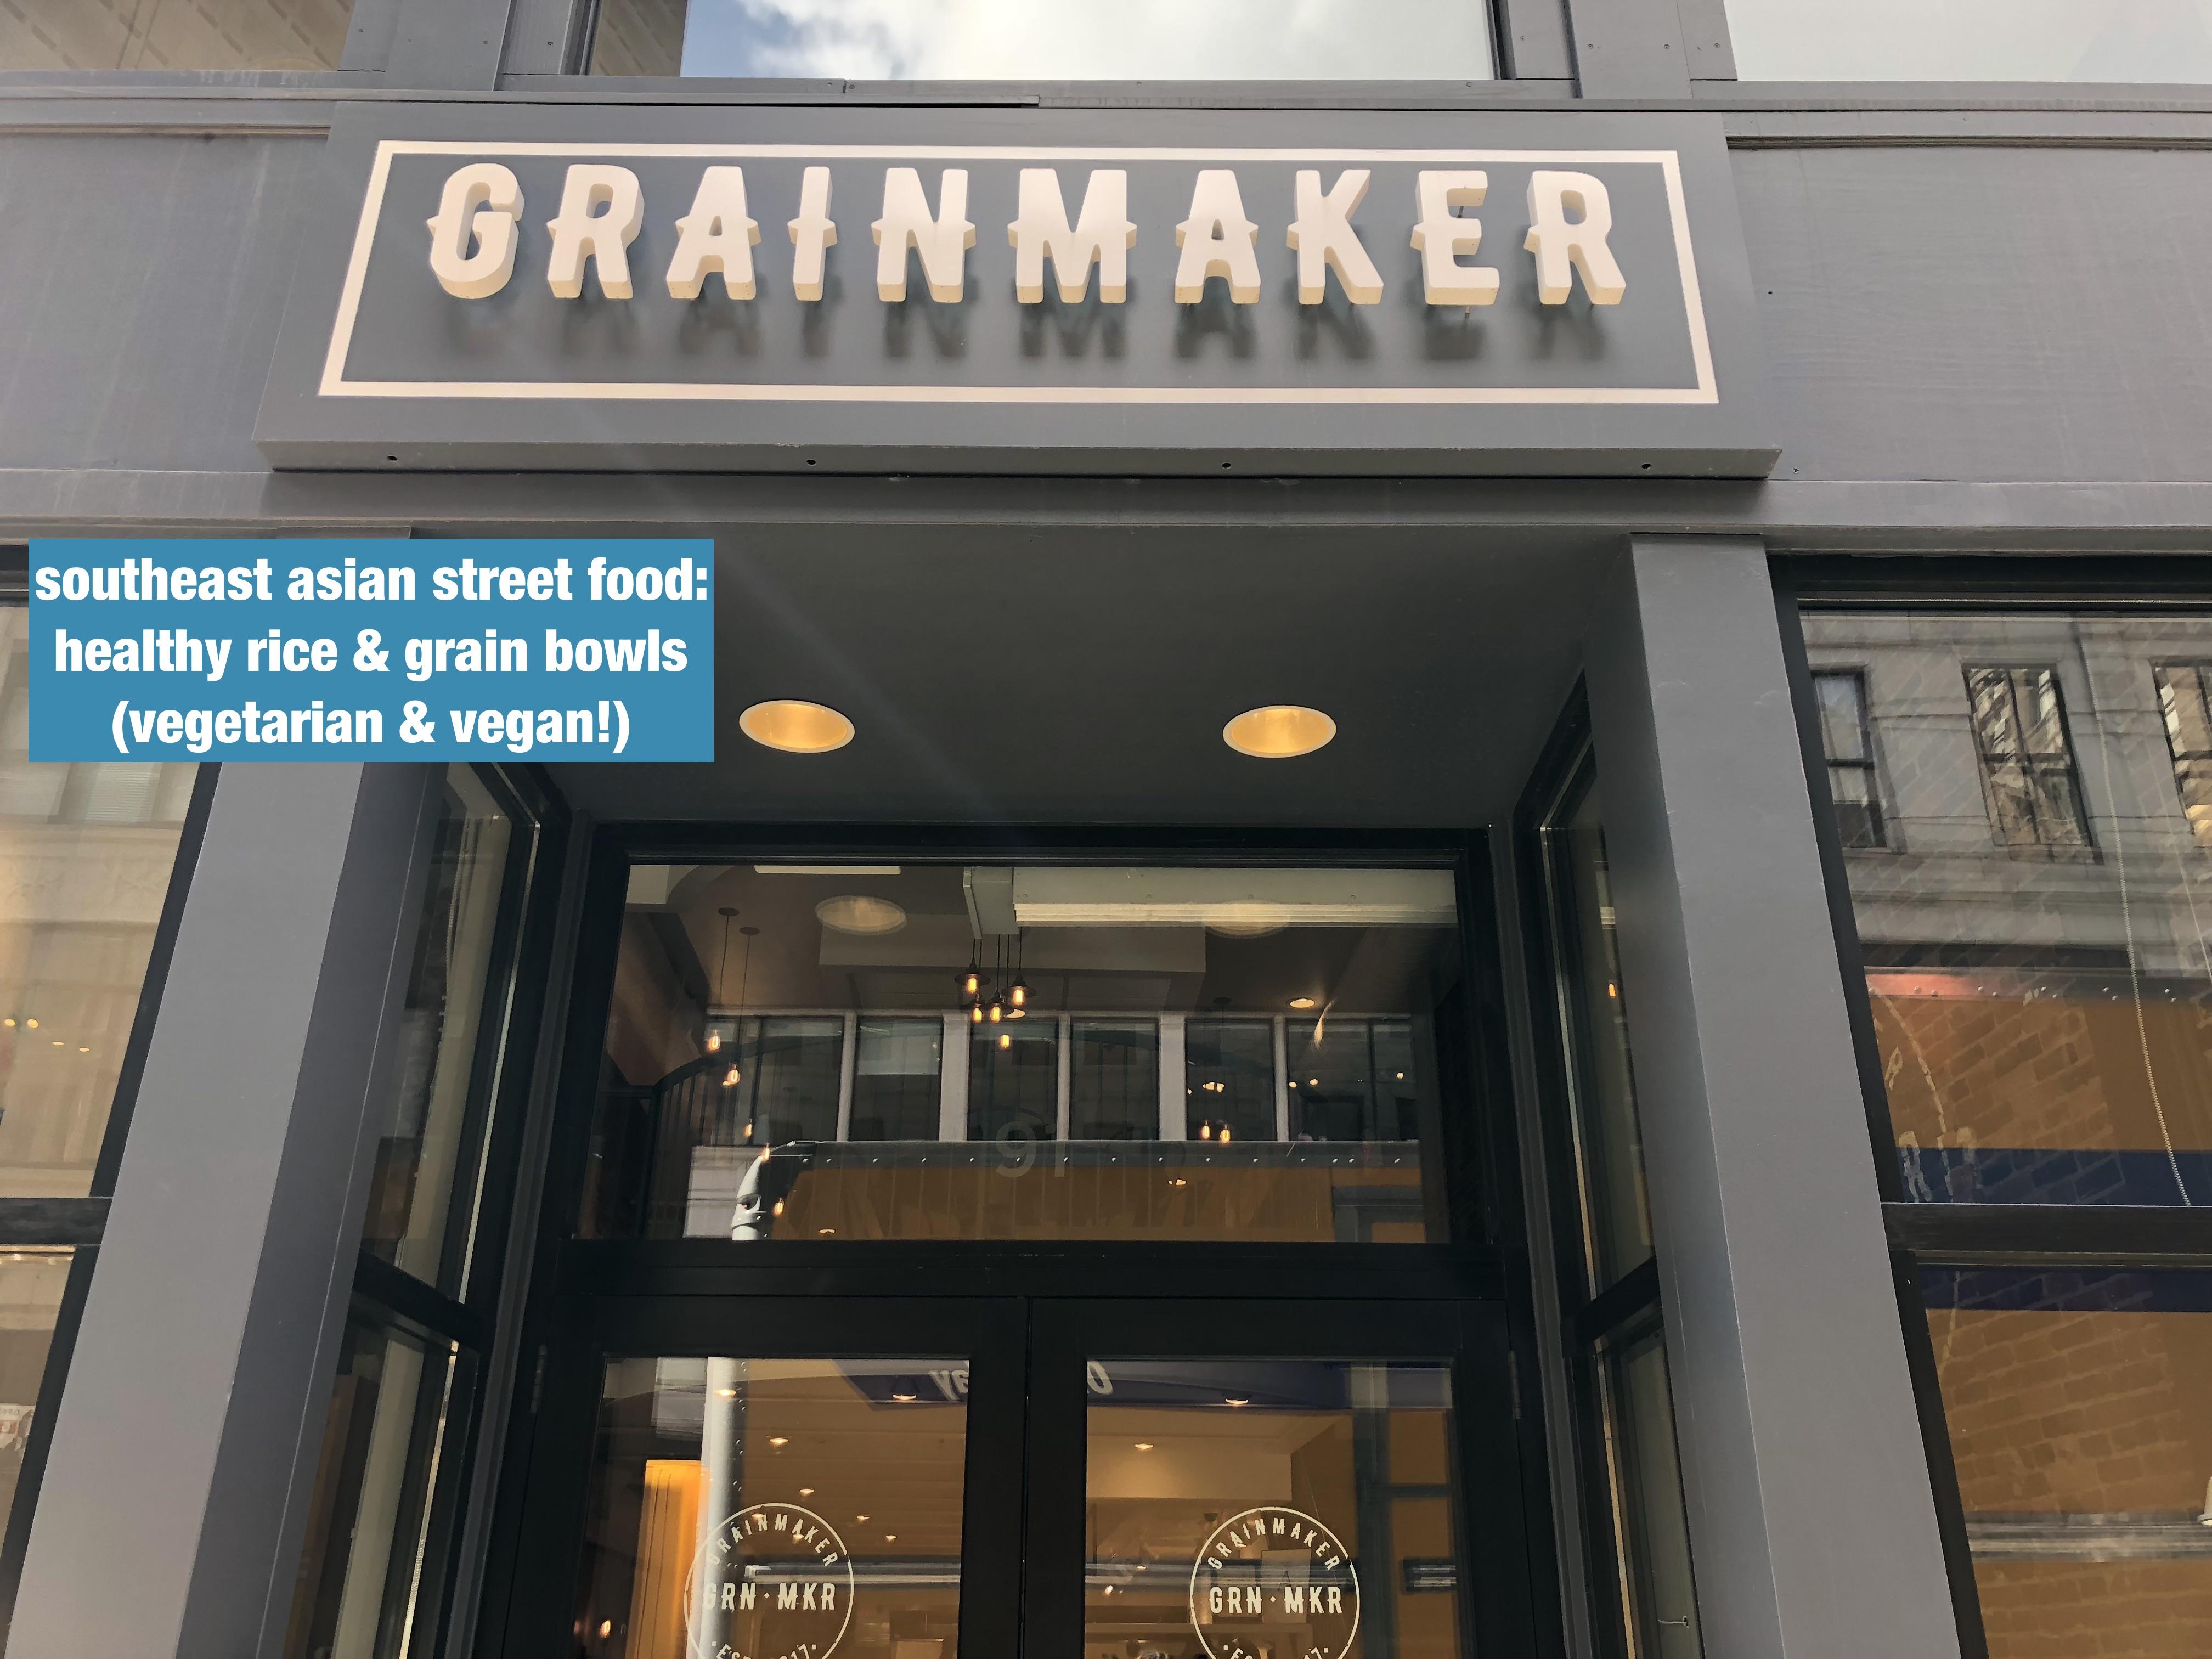 GrainmakerOutside